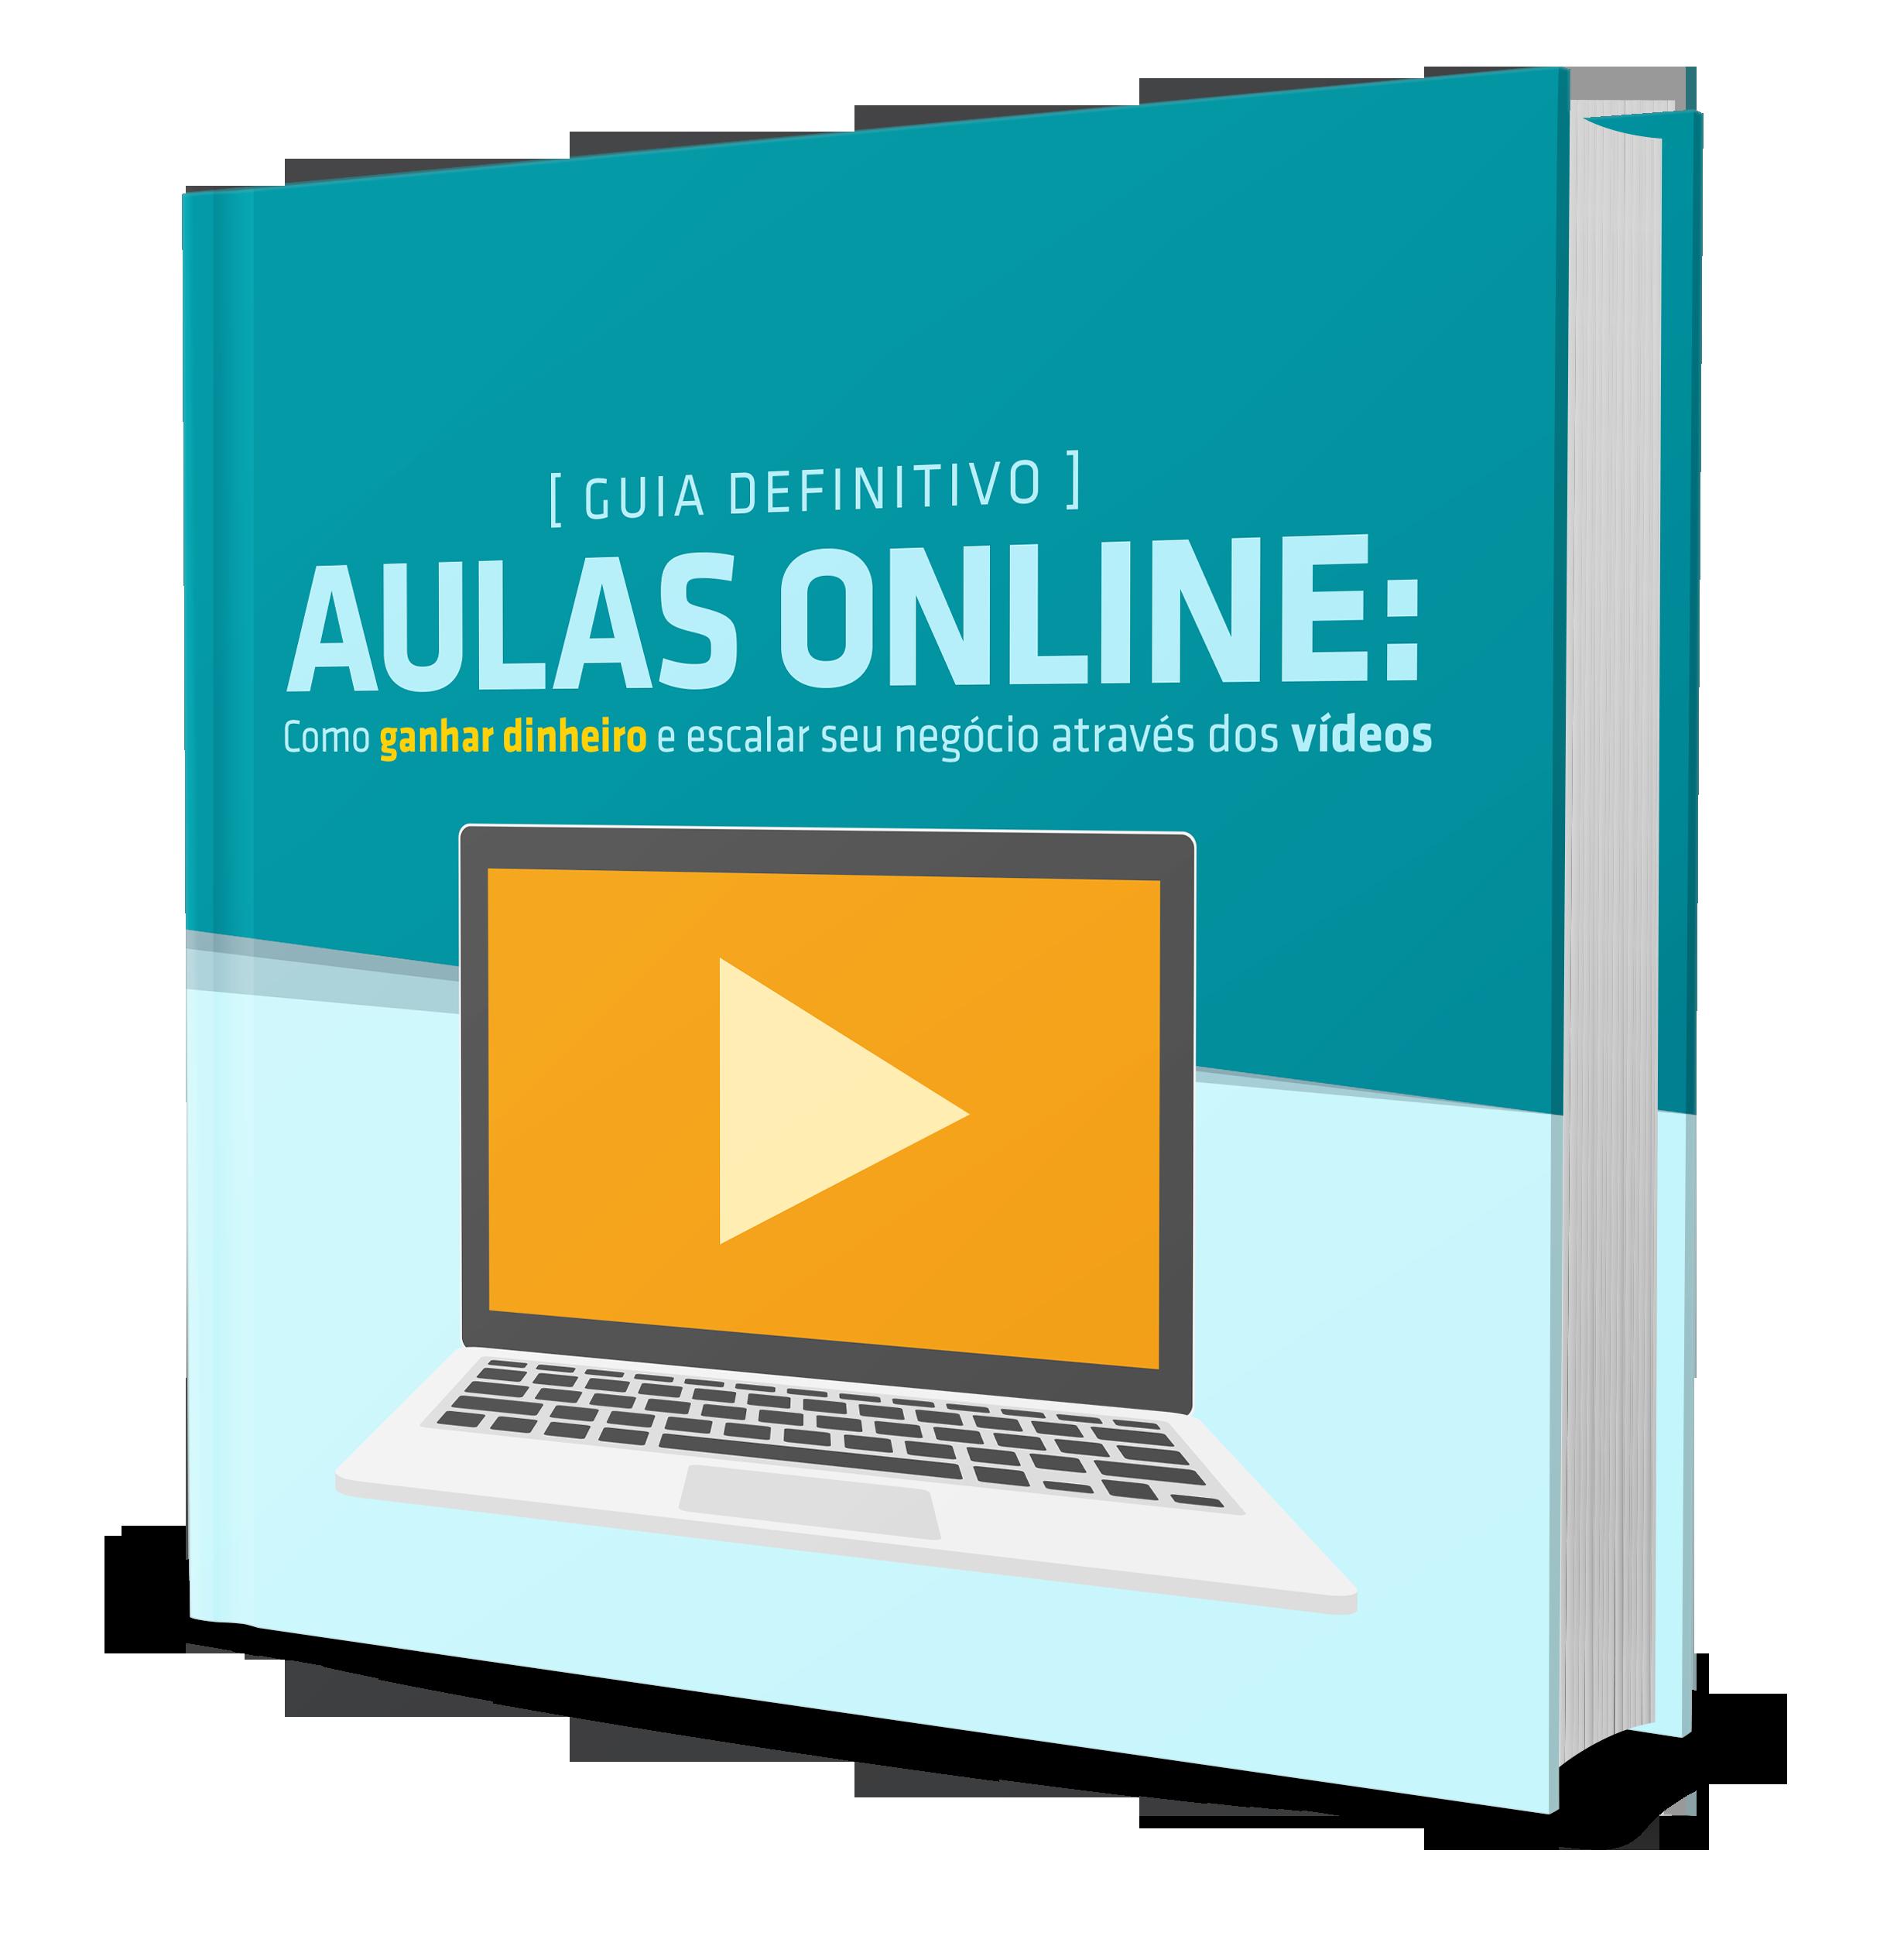 como ganhar dinheiro com aulas online